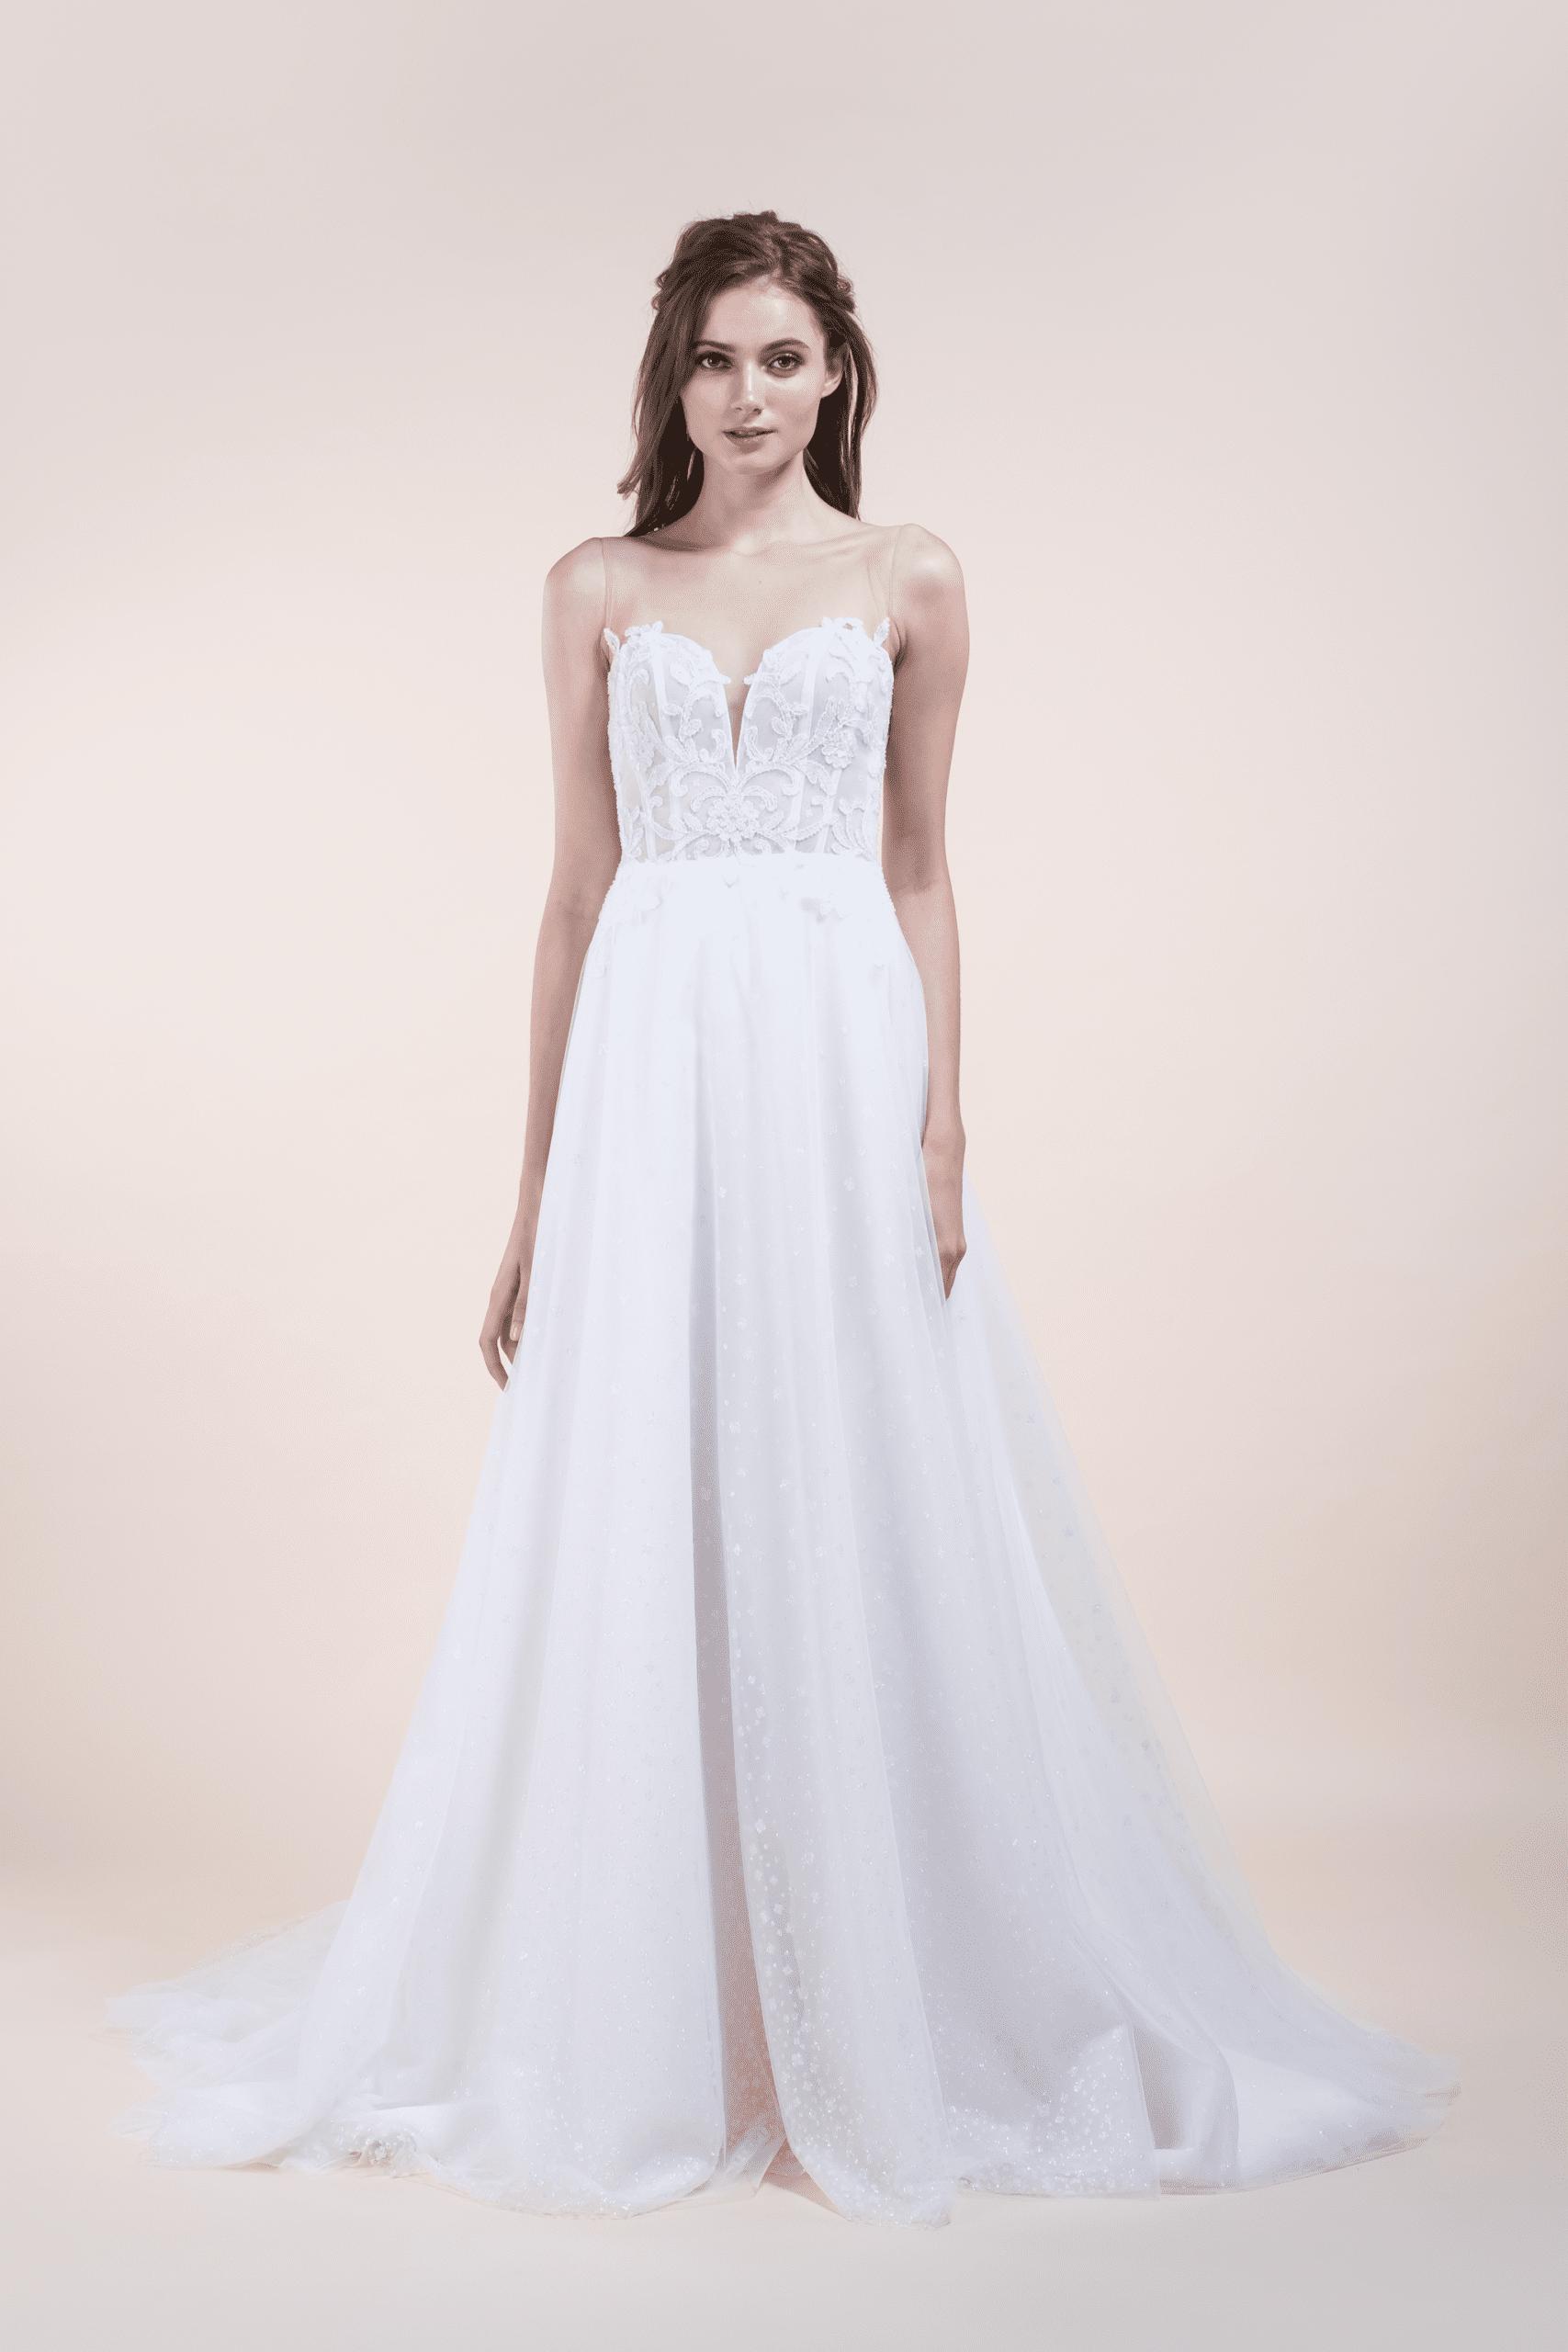 Clarissa-Local-Designer-Gown